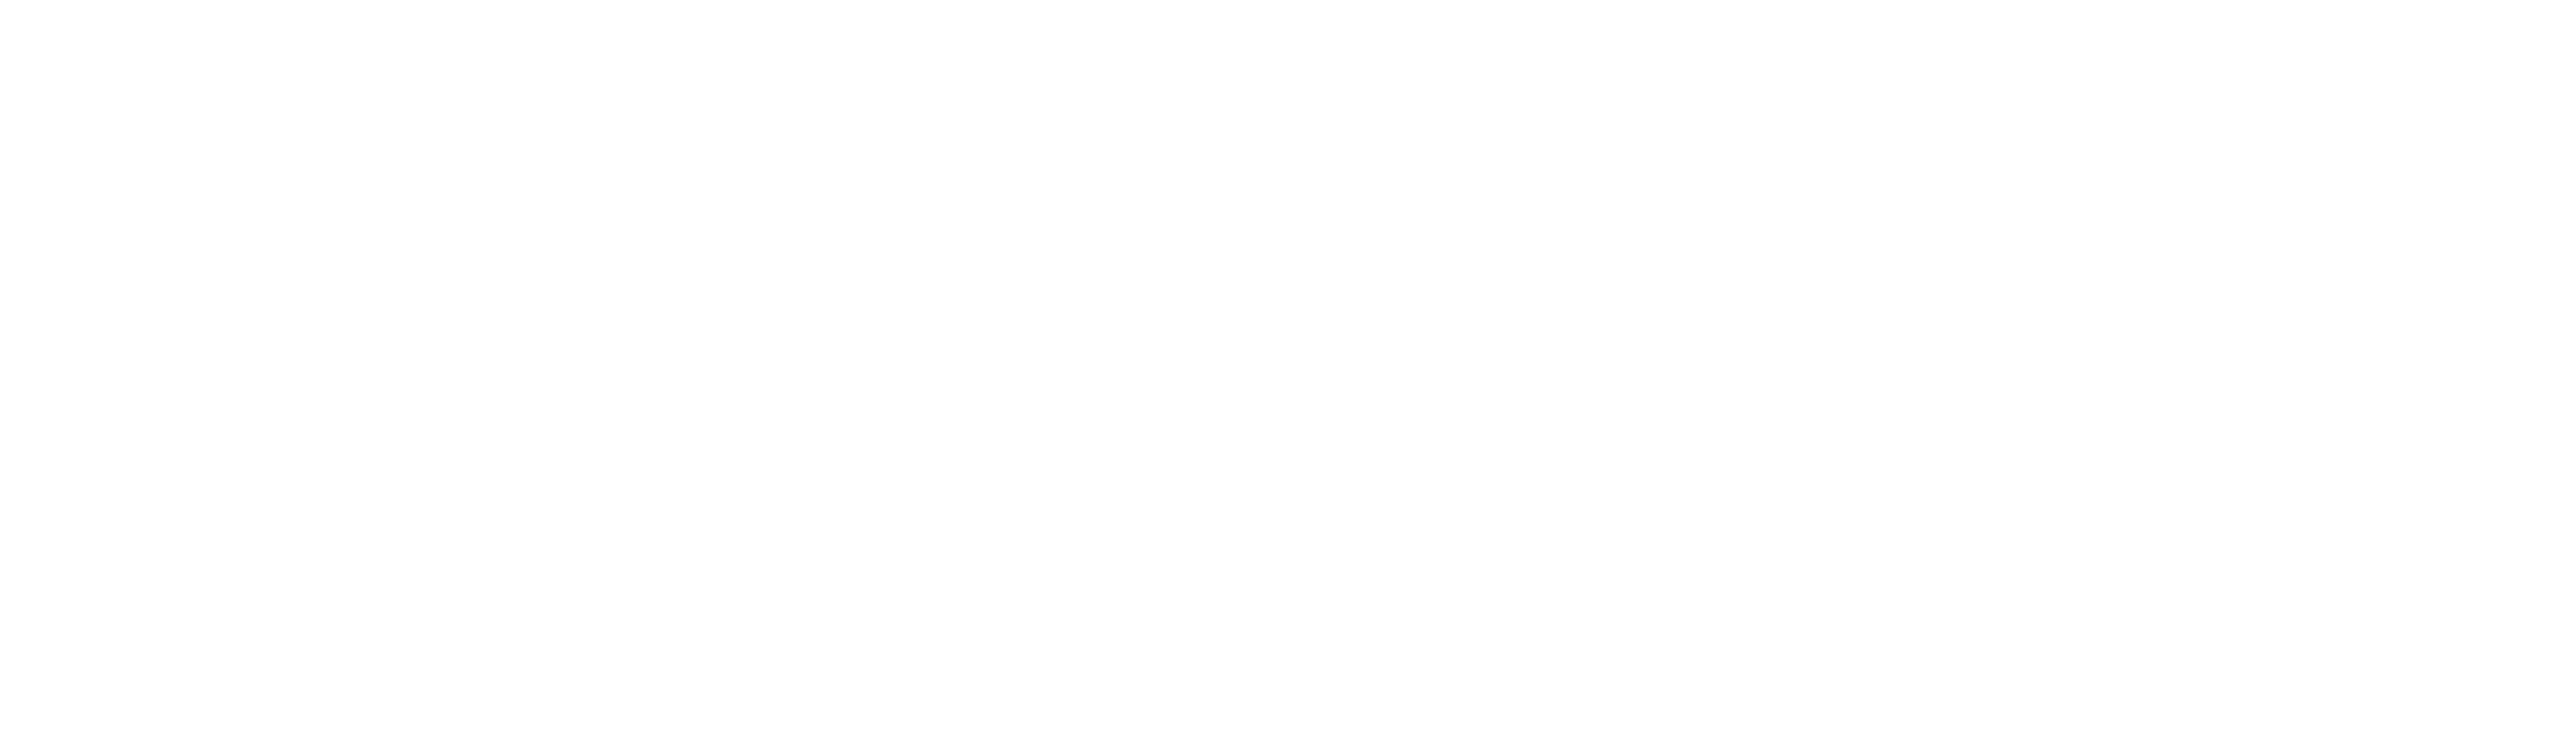 Battlefield-1944-Logo-Official.png